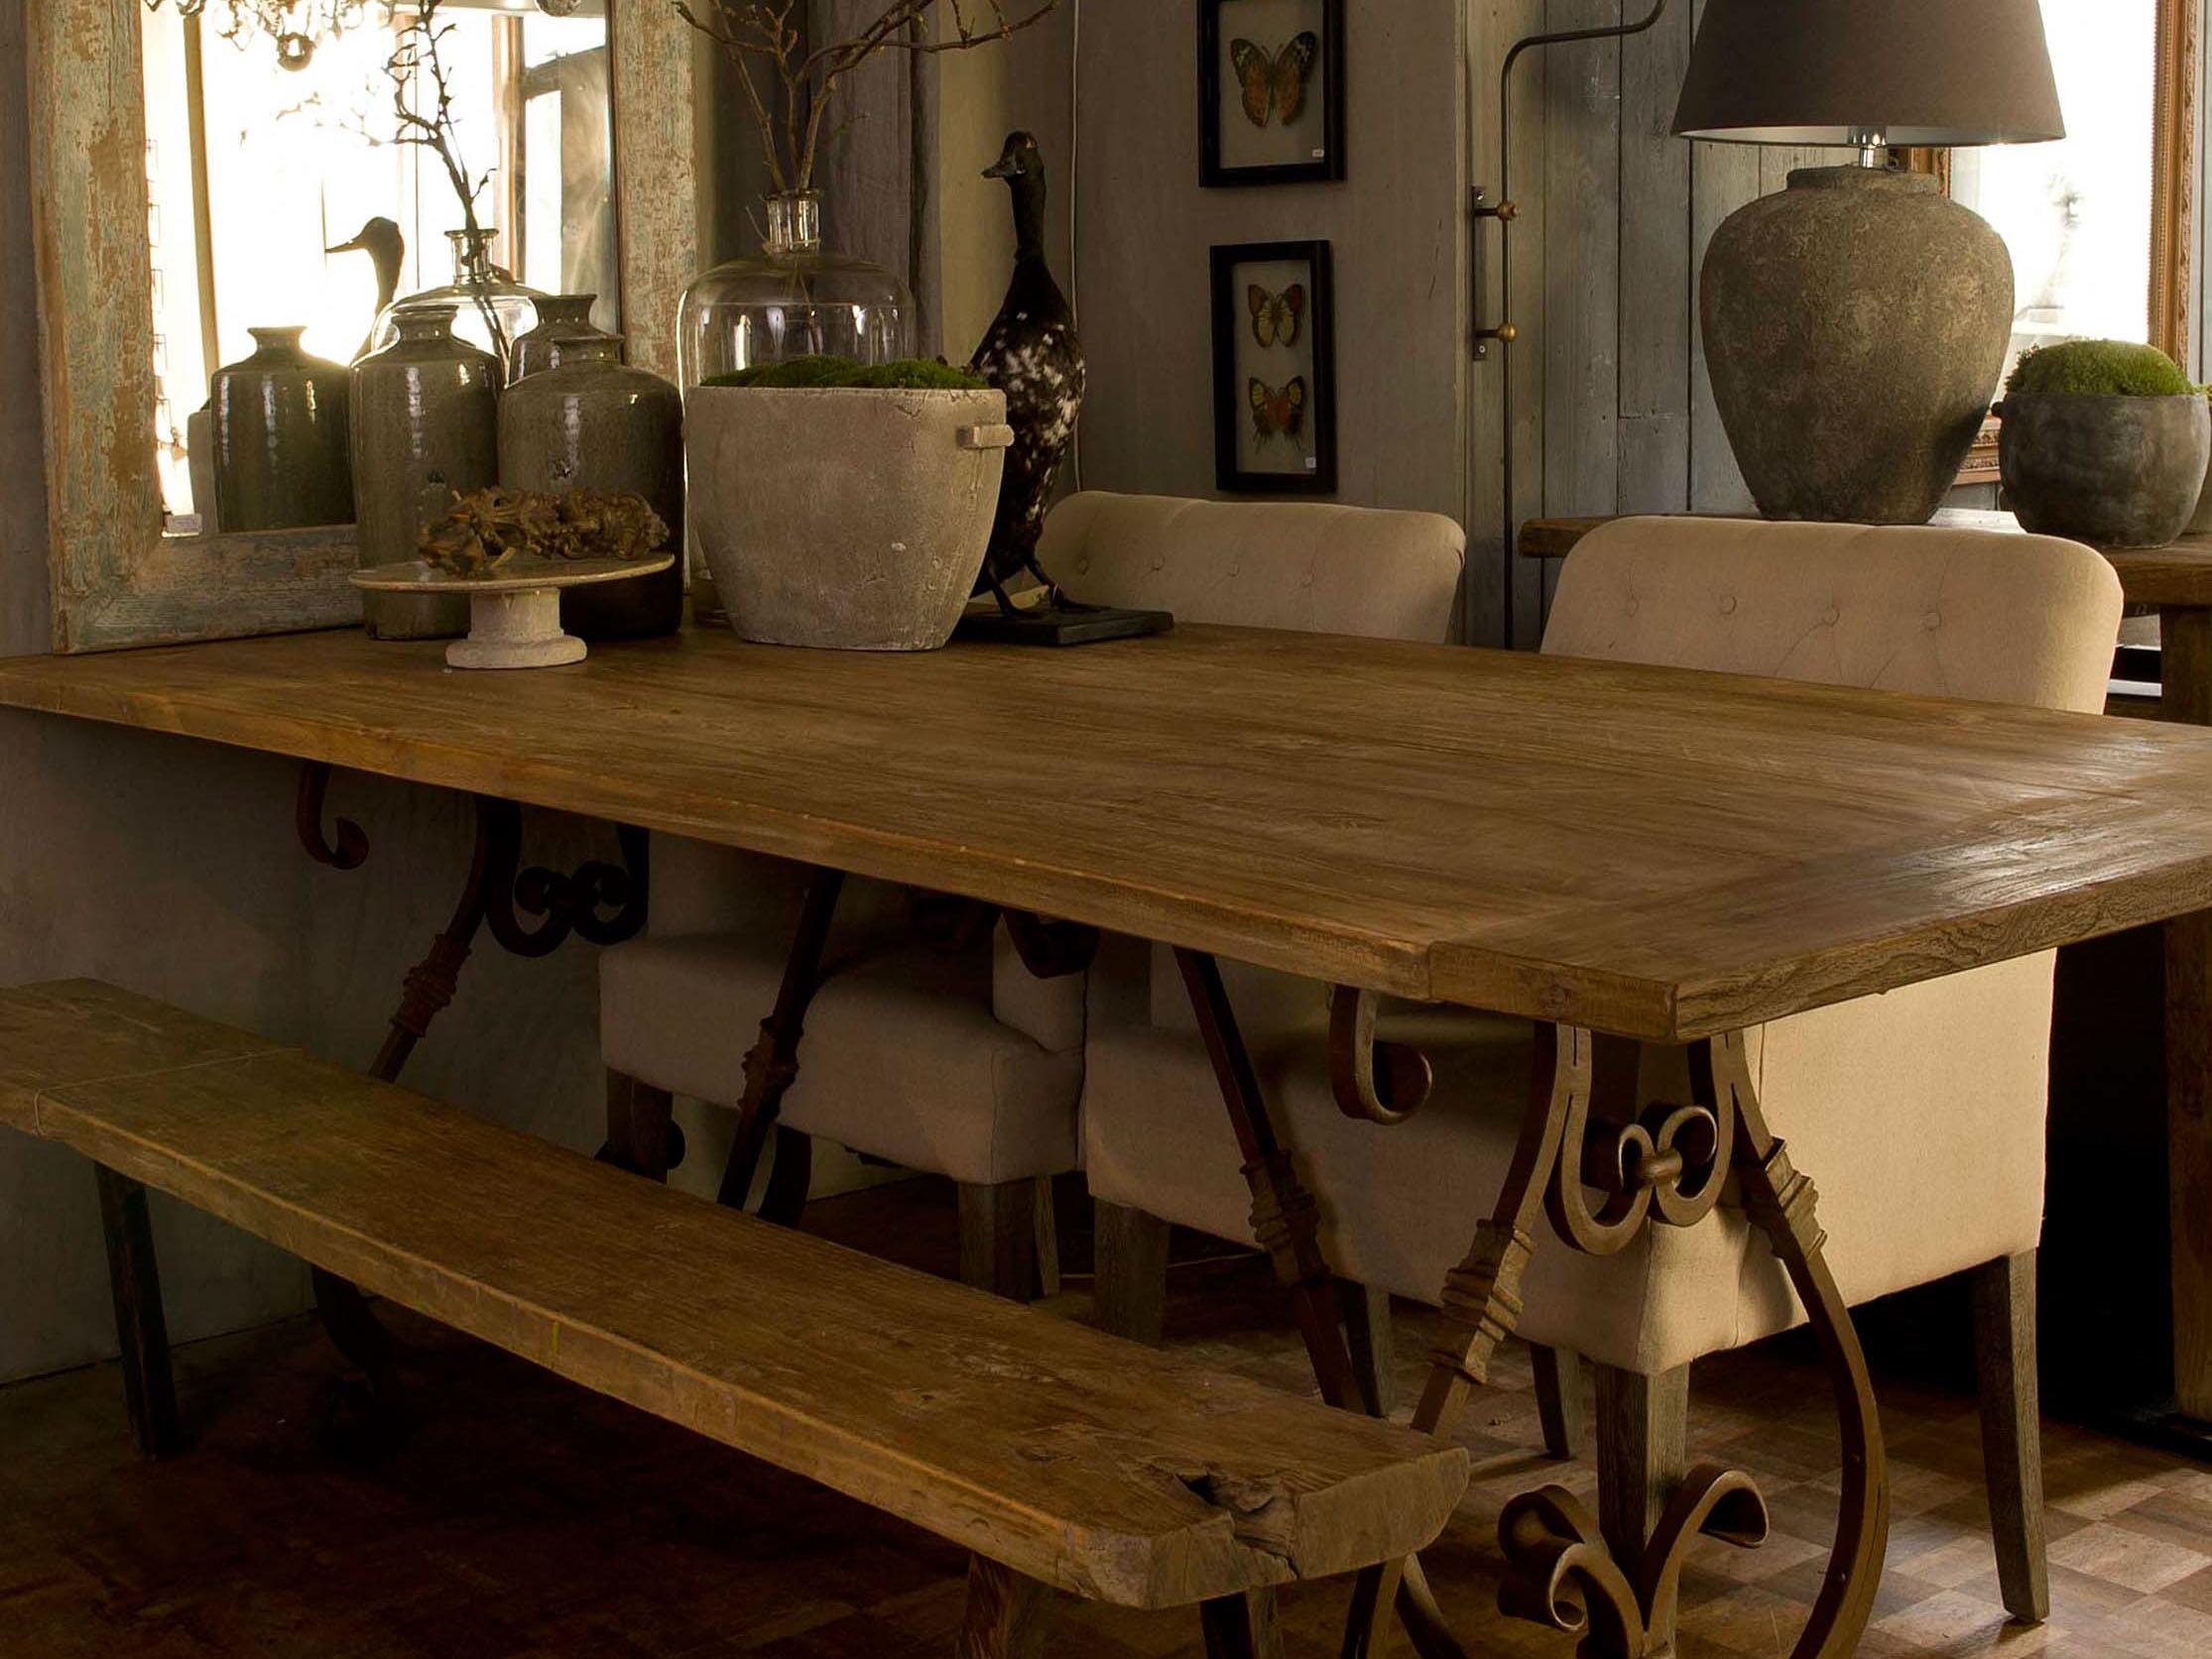 stoere tafels geleefde eettafels van eiken teak of elmwood